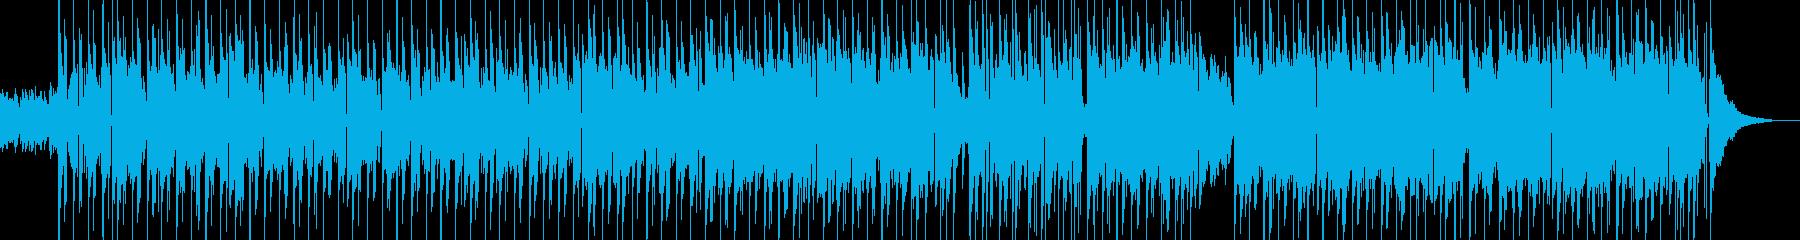 優しく切ない雰囲気に・R&B S2の再生済みの波形